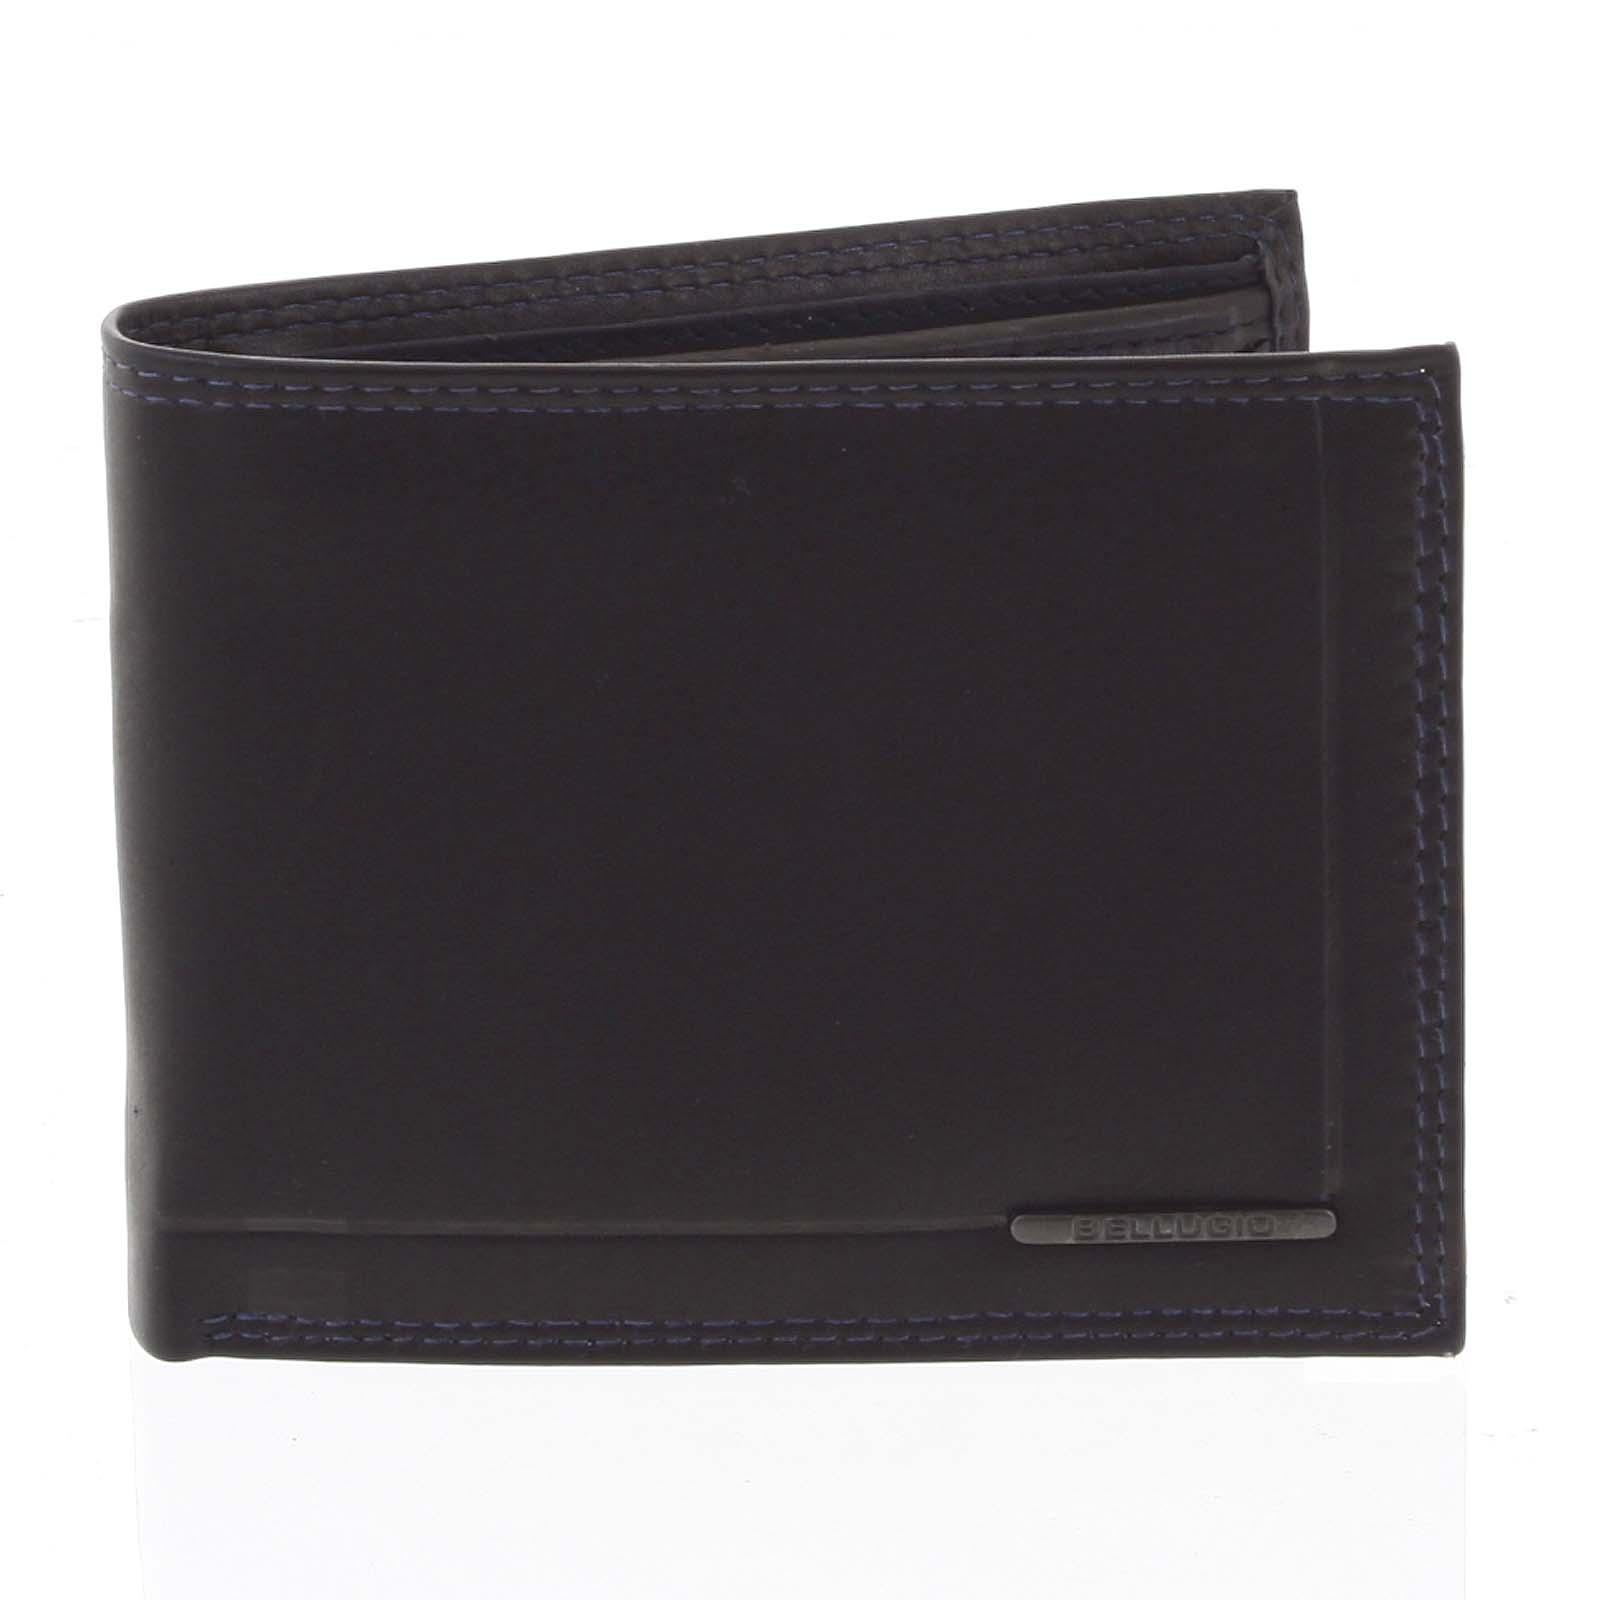 Pánská volná prošívaná peněženka černo modrá - Bellugio Pann